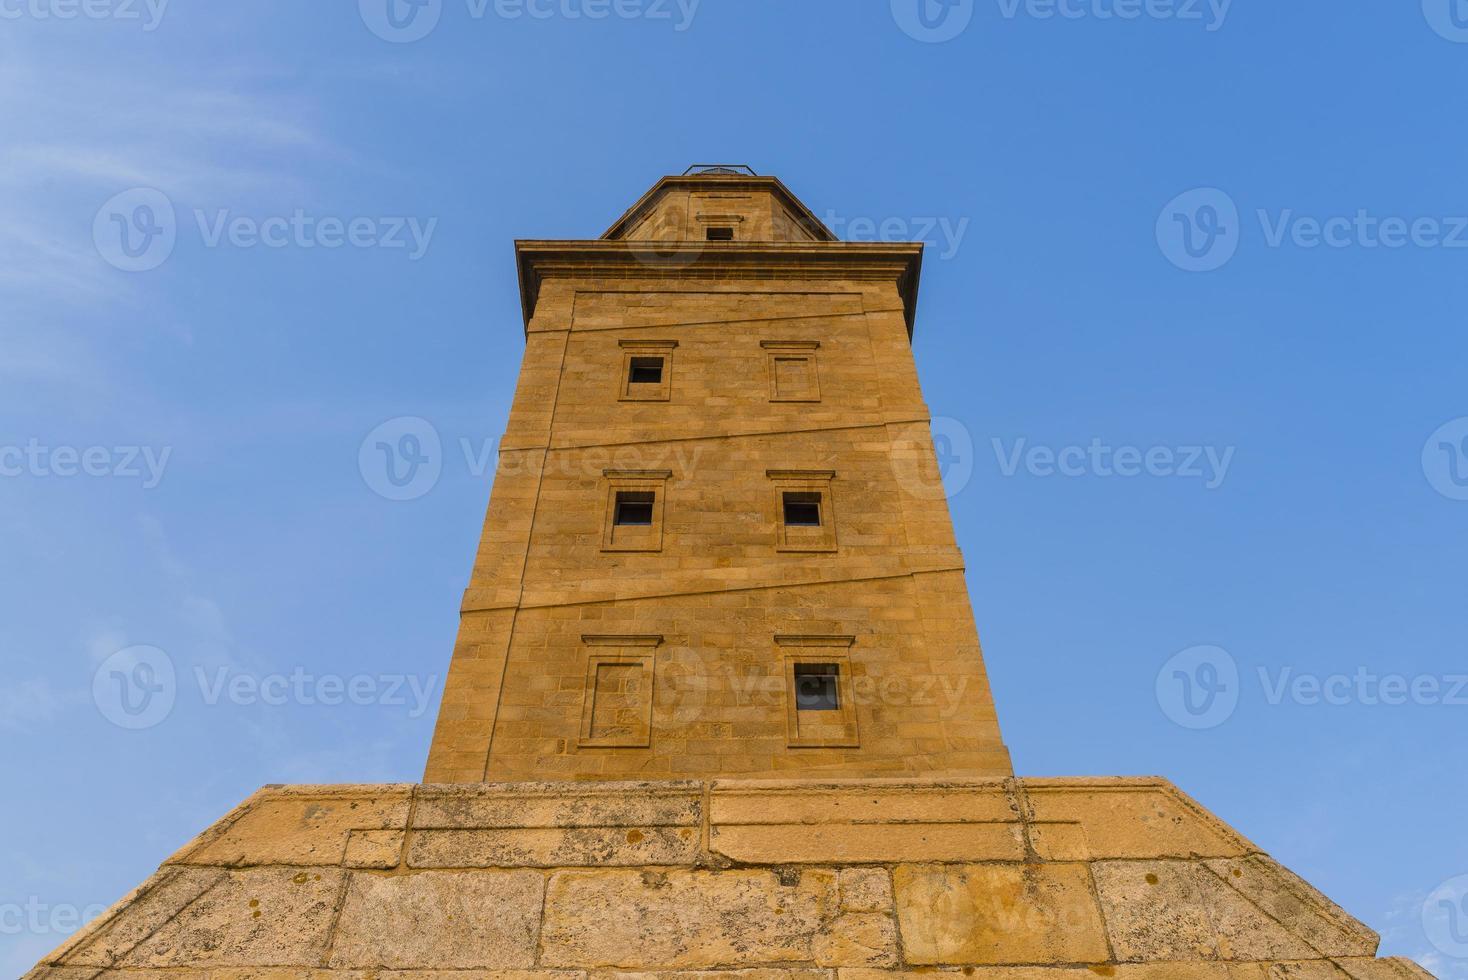 torre de hércules. foto